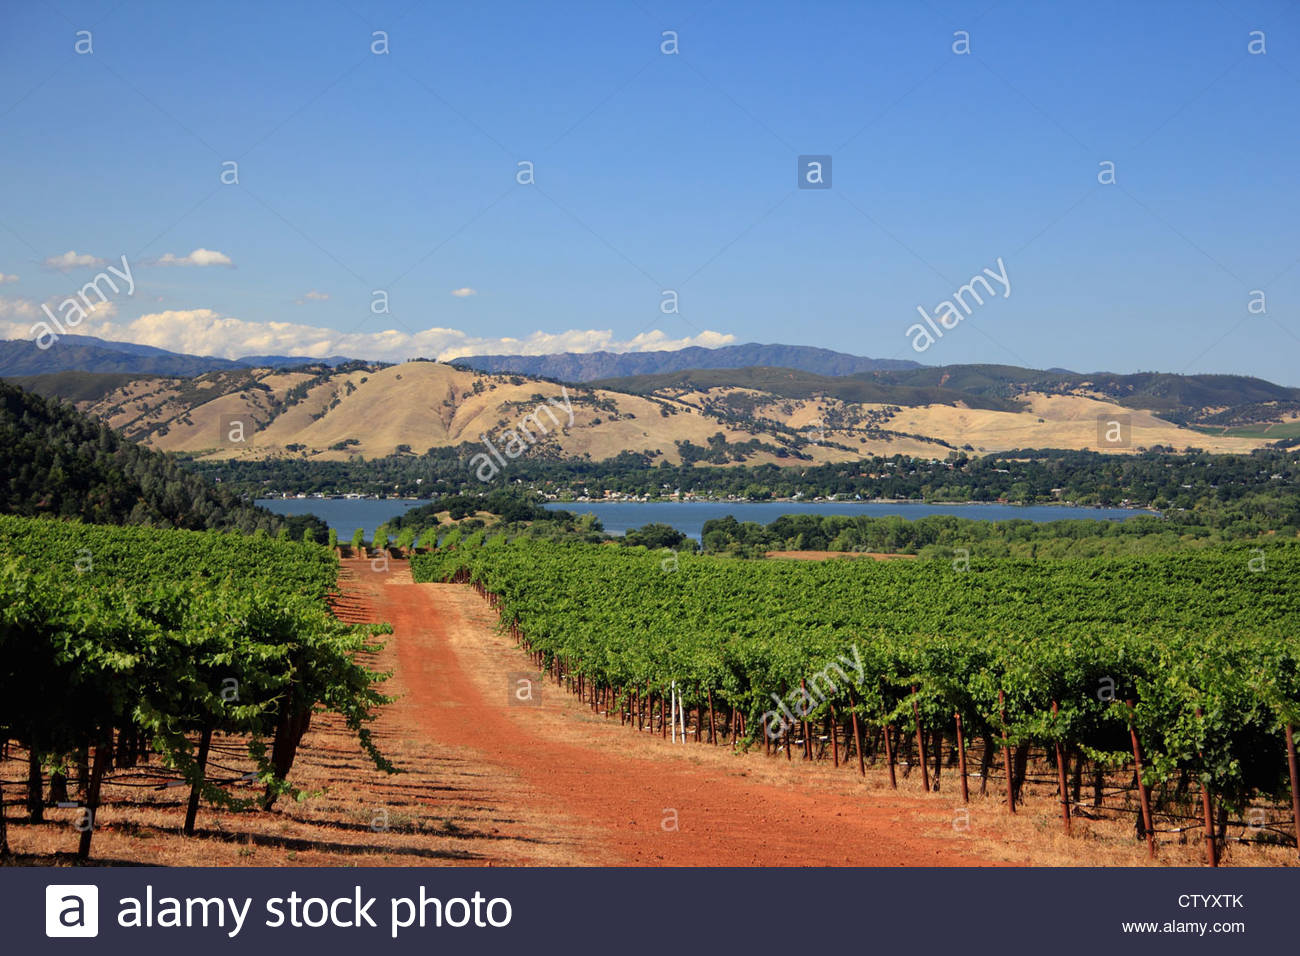 Dirt road in rural vineyard - Stock Image